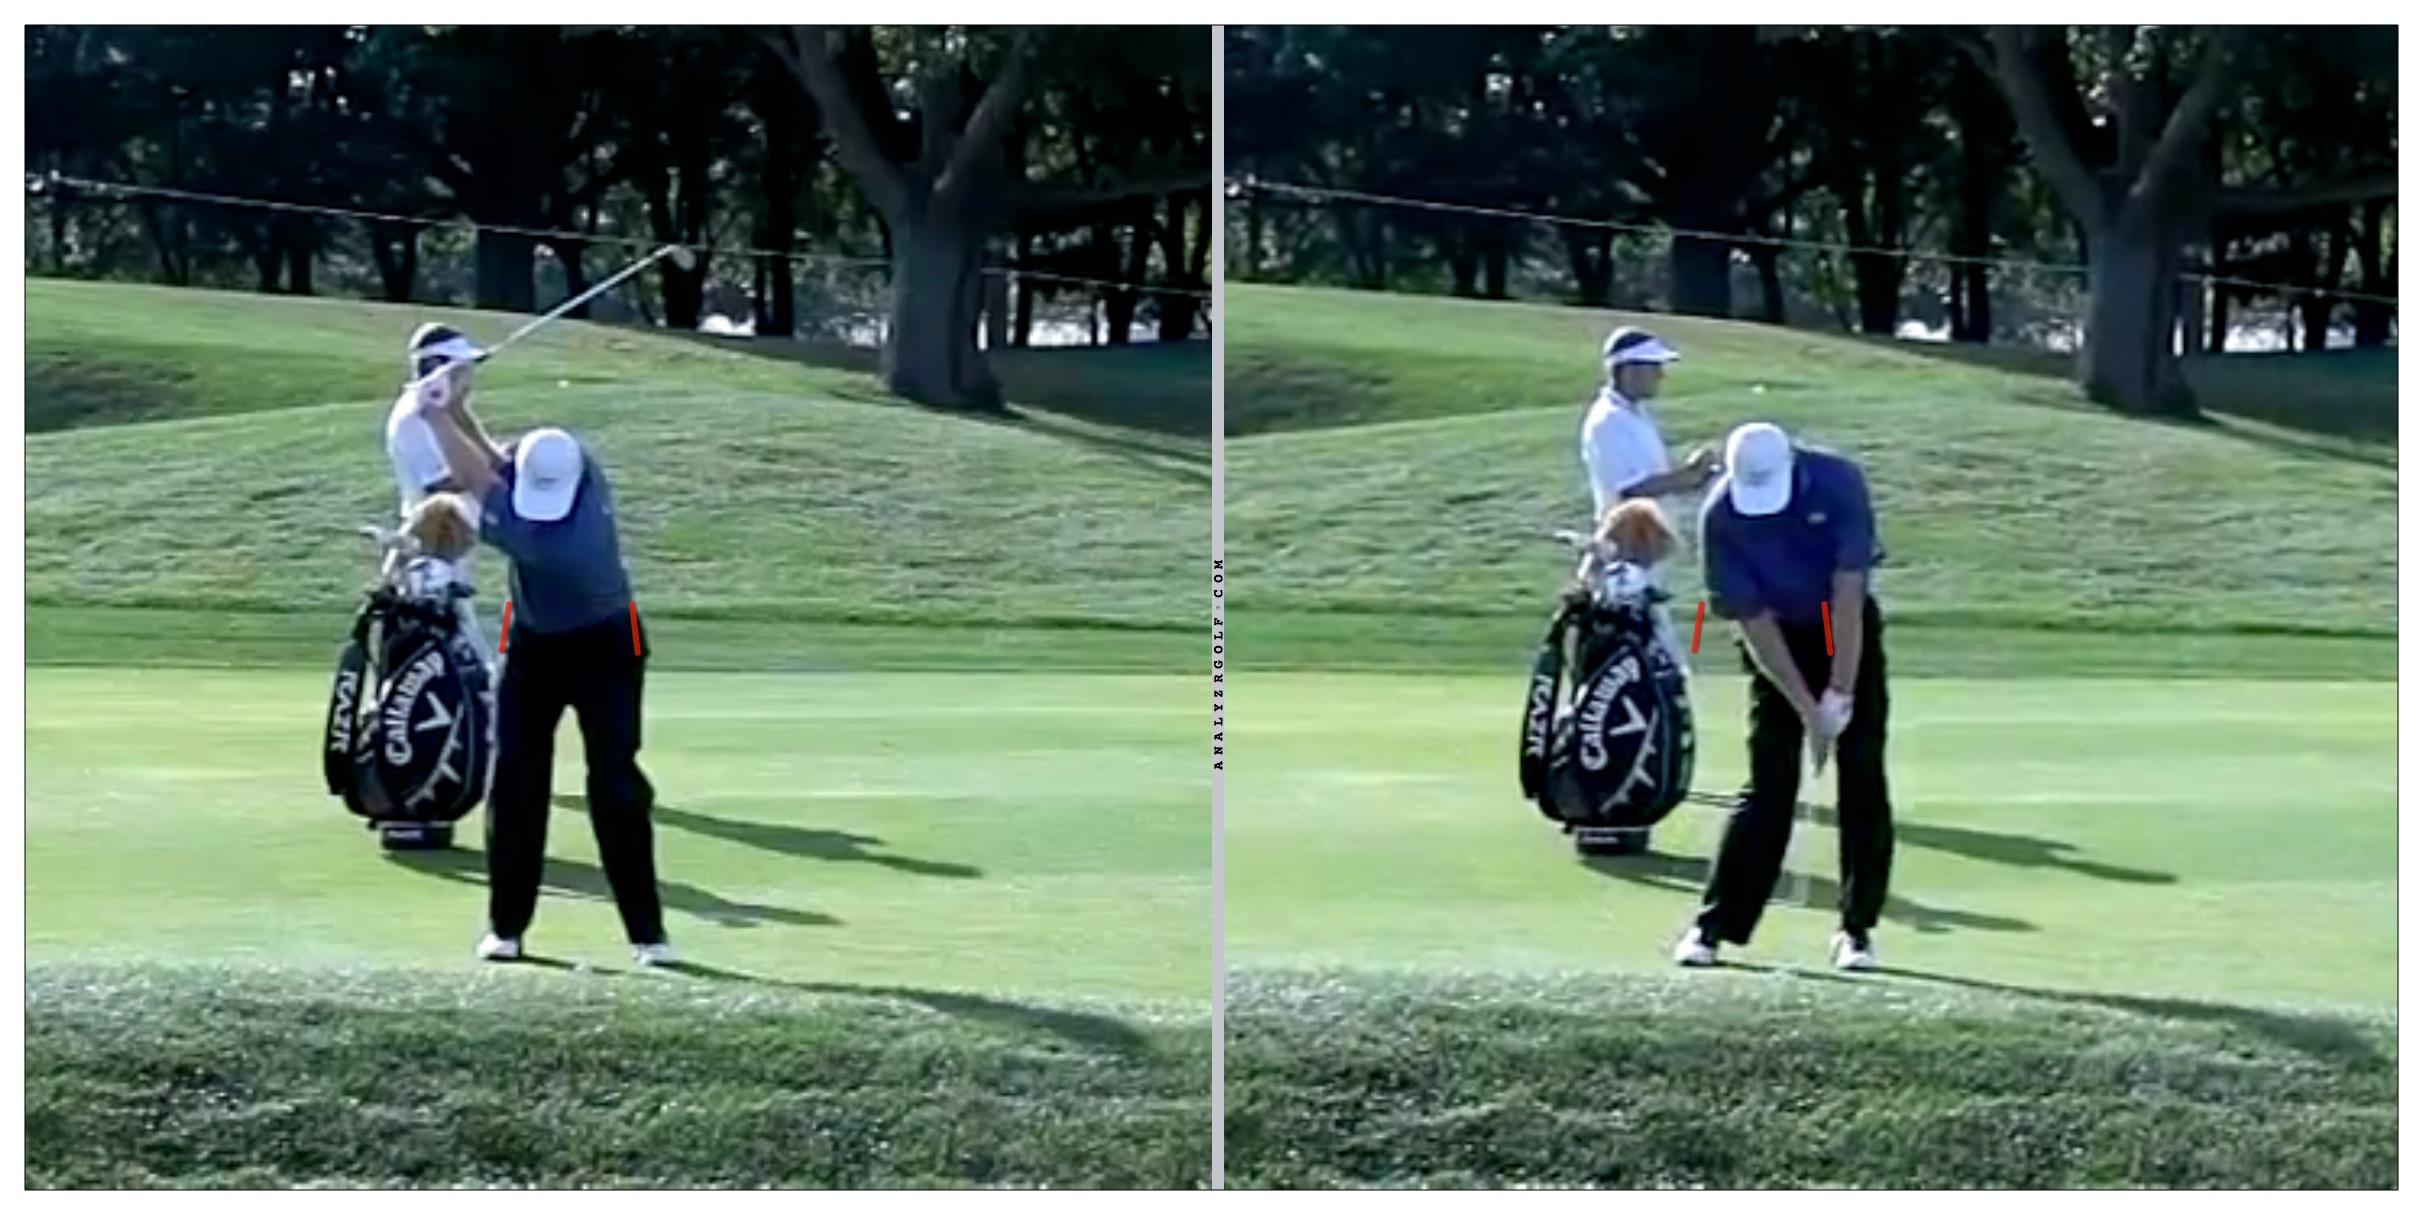 swing machine golf